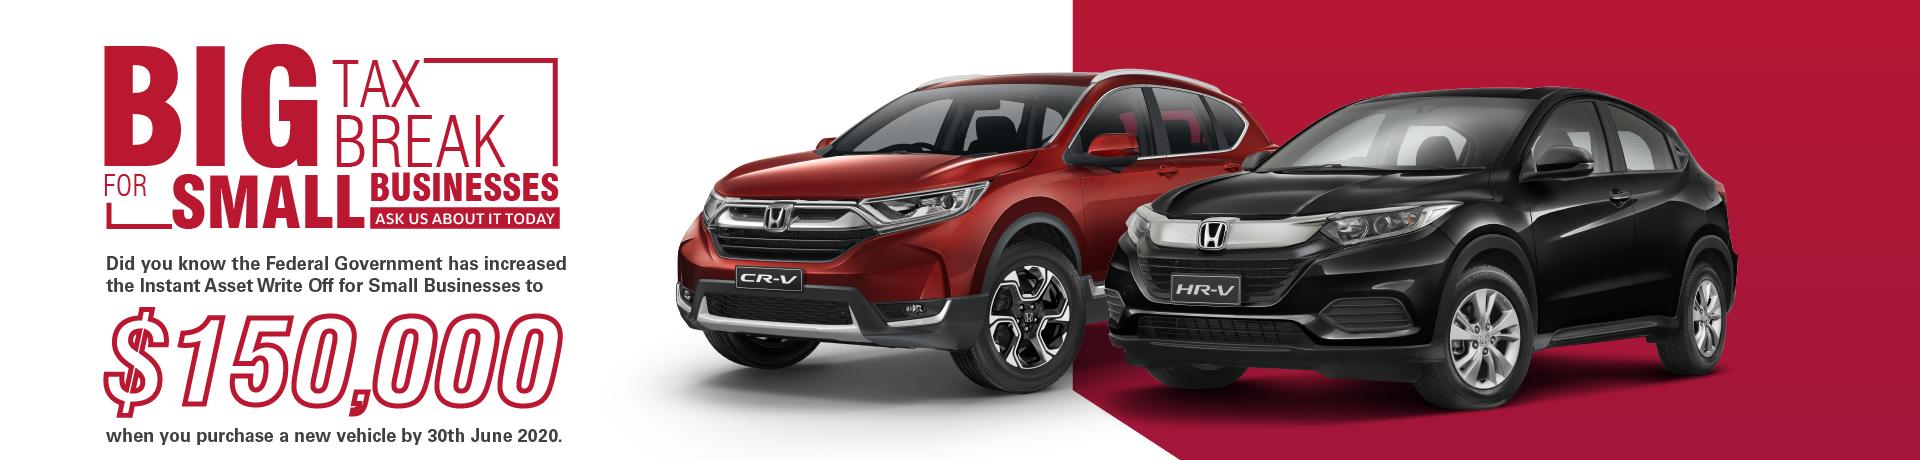 Kelebihan Kekurangan Web Honda Perbandingan Harga